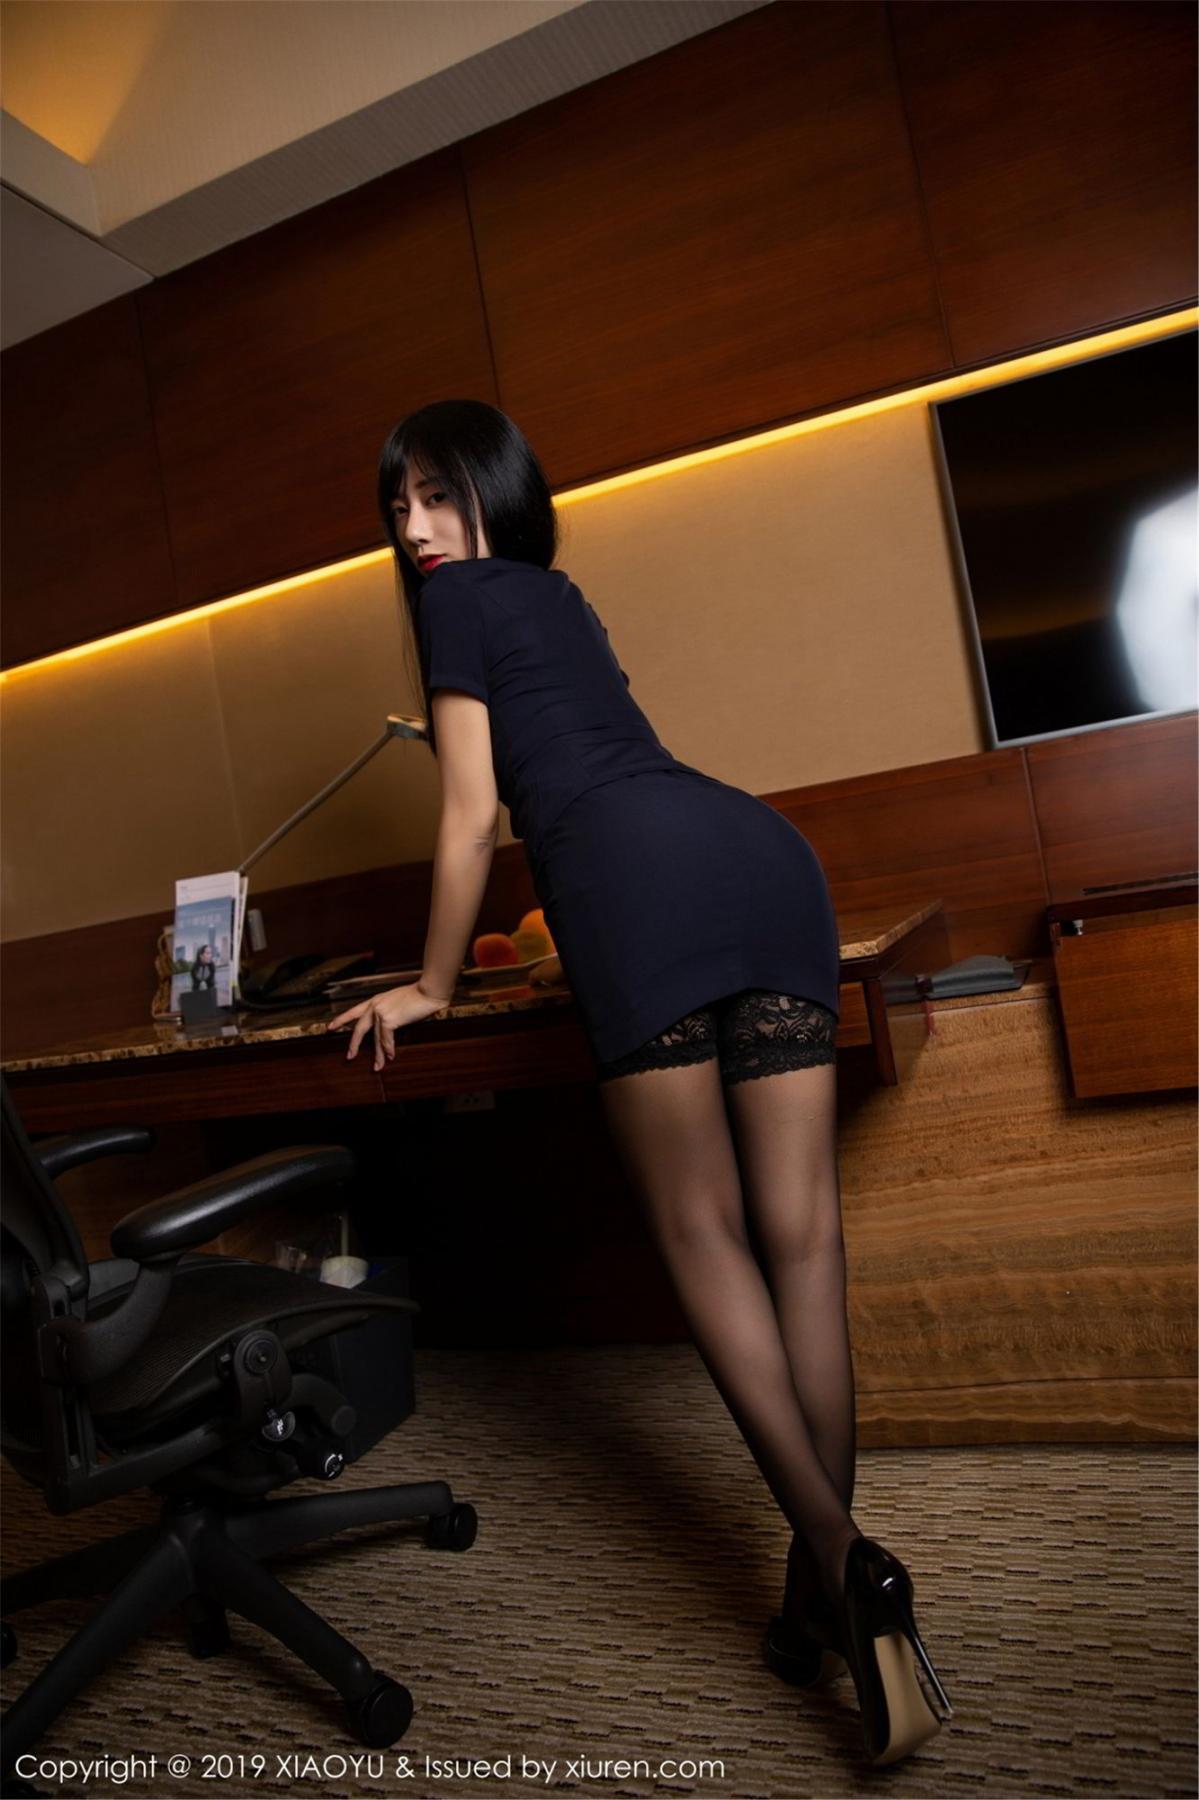 [XiaoYu] Vol.068 He Jia Ying 3P, Black Silk, He Jia Ying, Uniform, XiaoYu